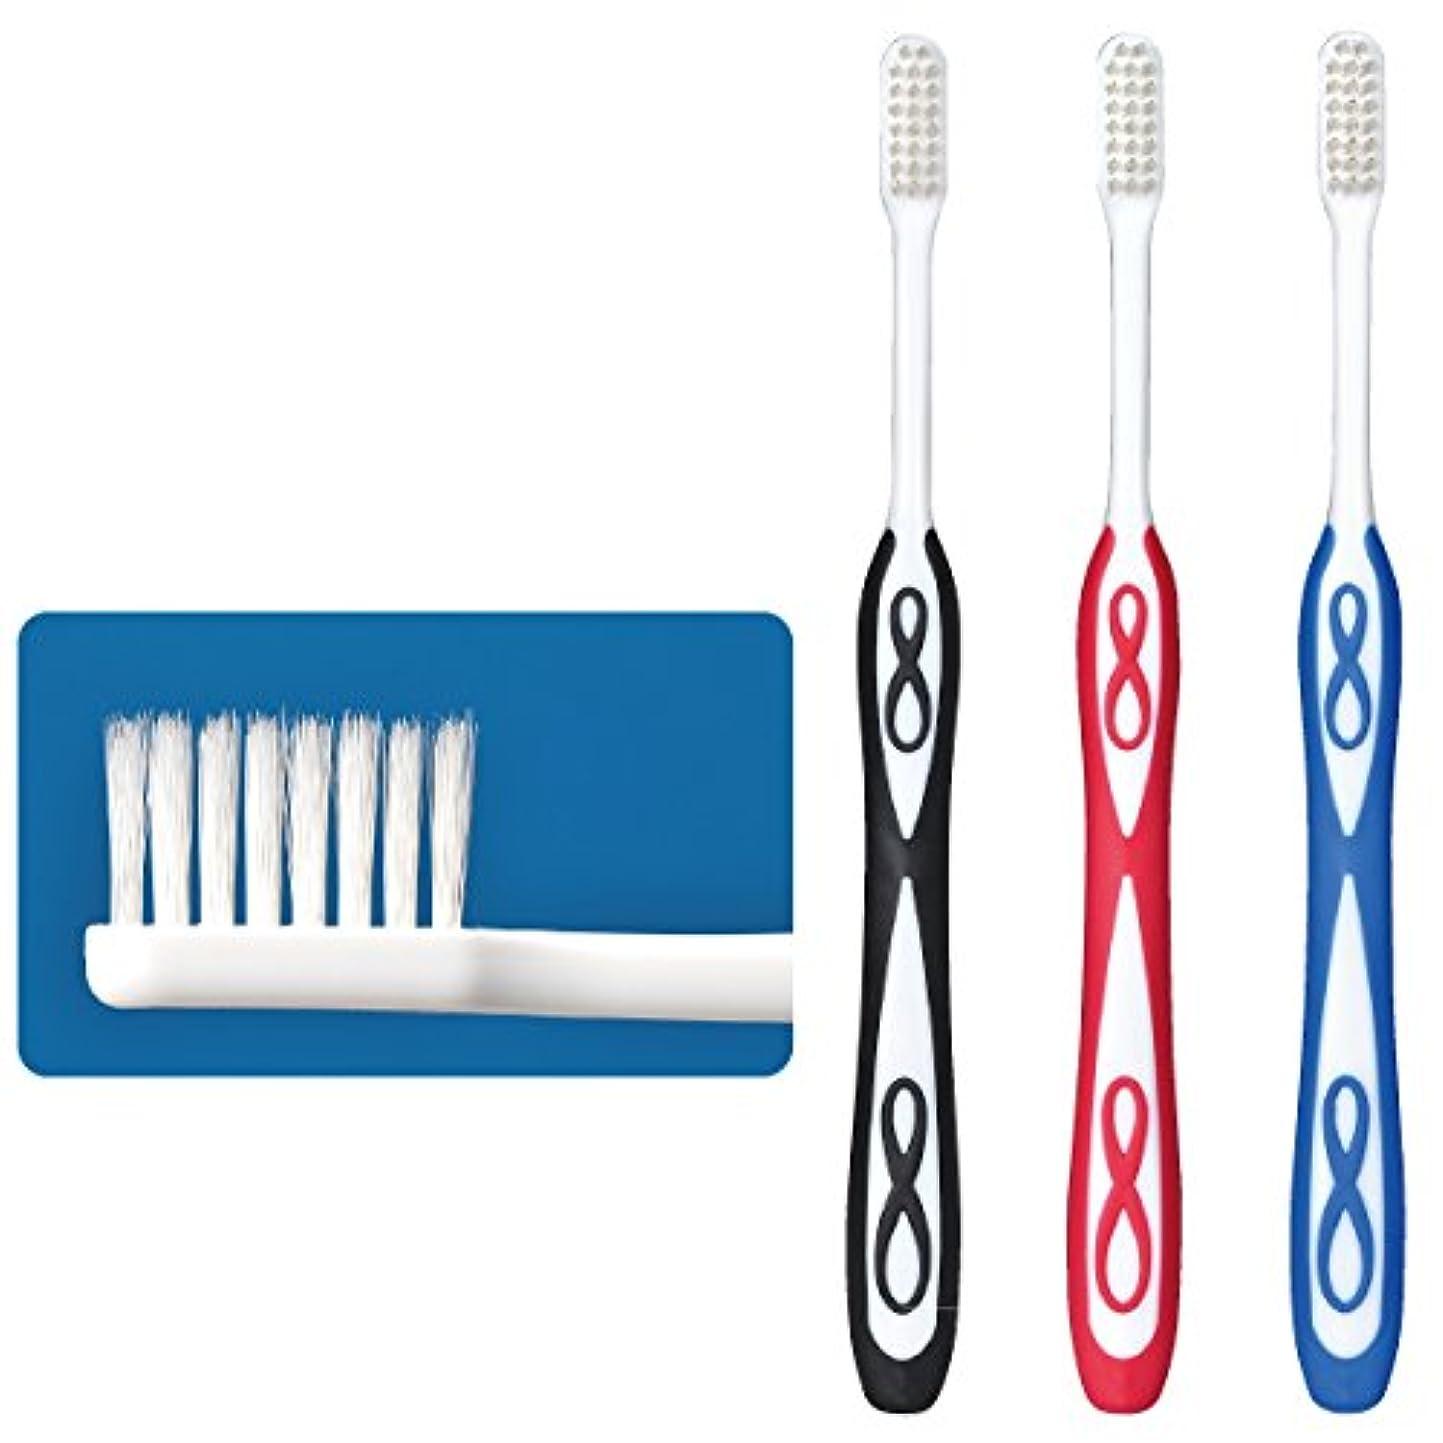 枢機卿カートリッジ授業料Lover8(ラバーエイト)歯ブラシ レギュラータイプ オールテーパー毛 Mふつう 3本入